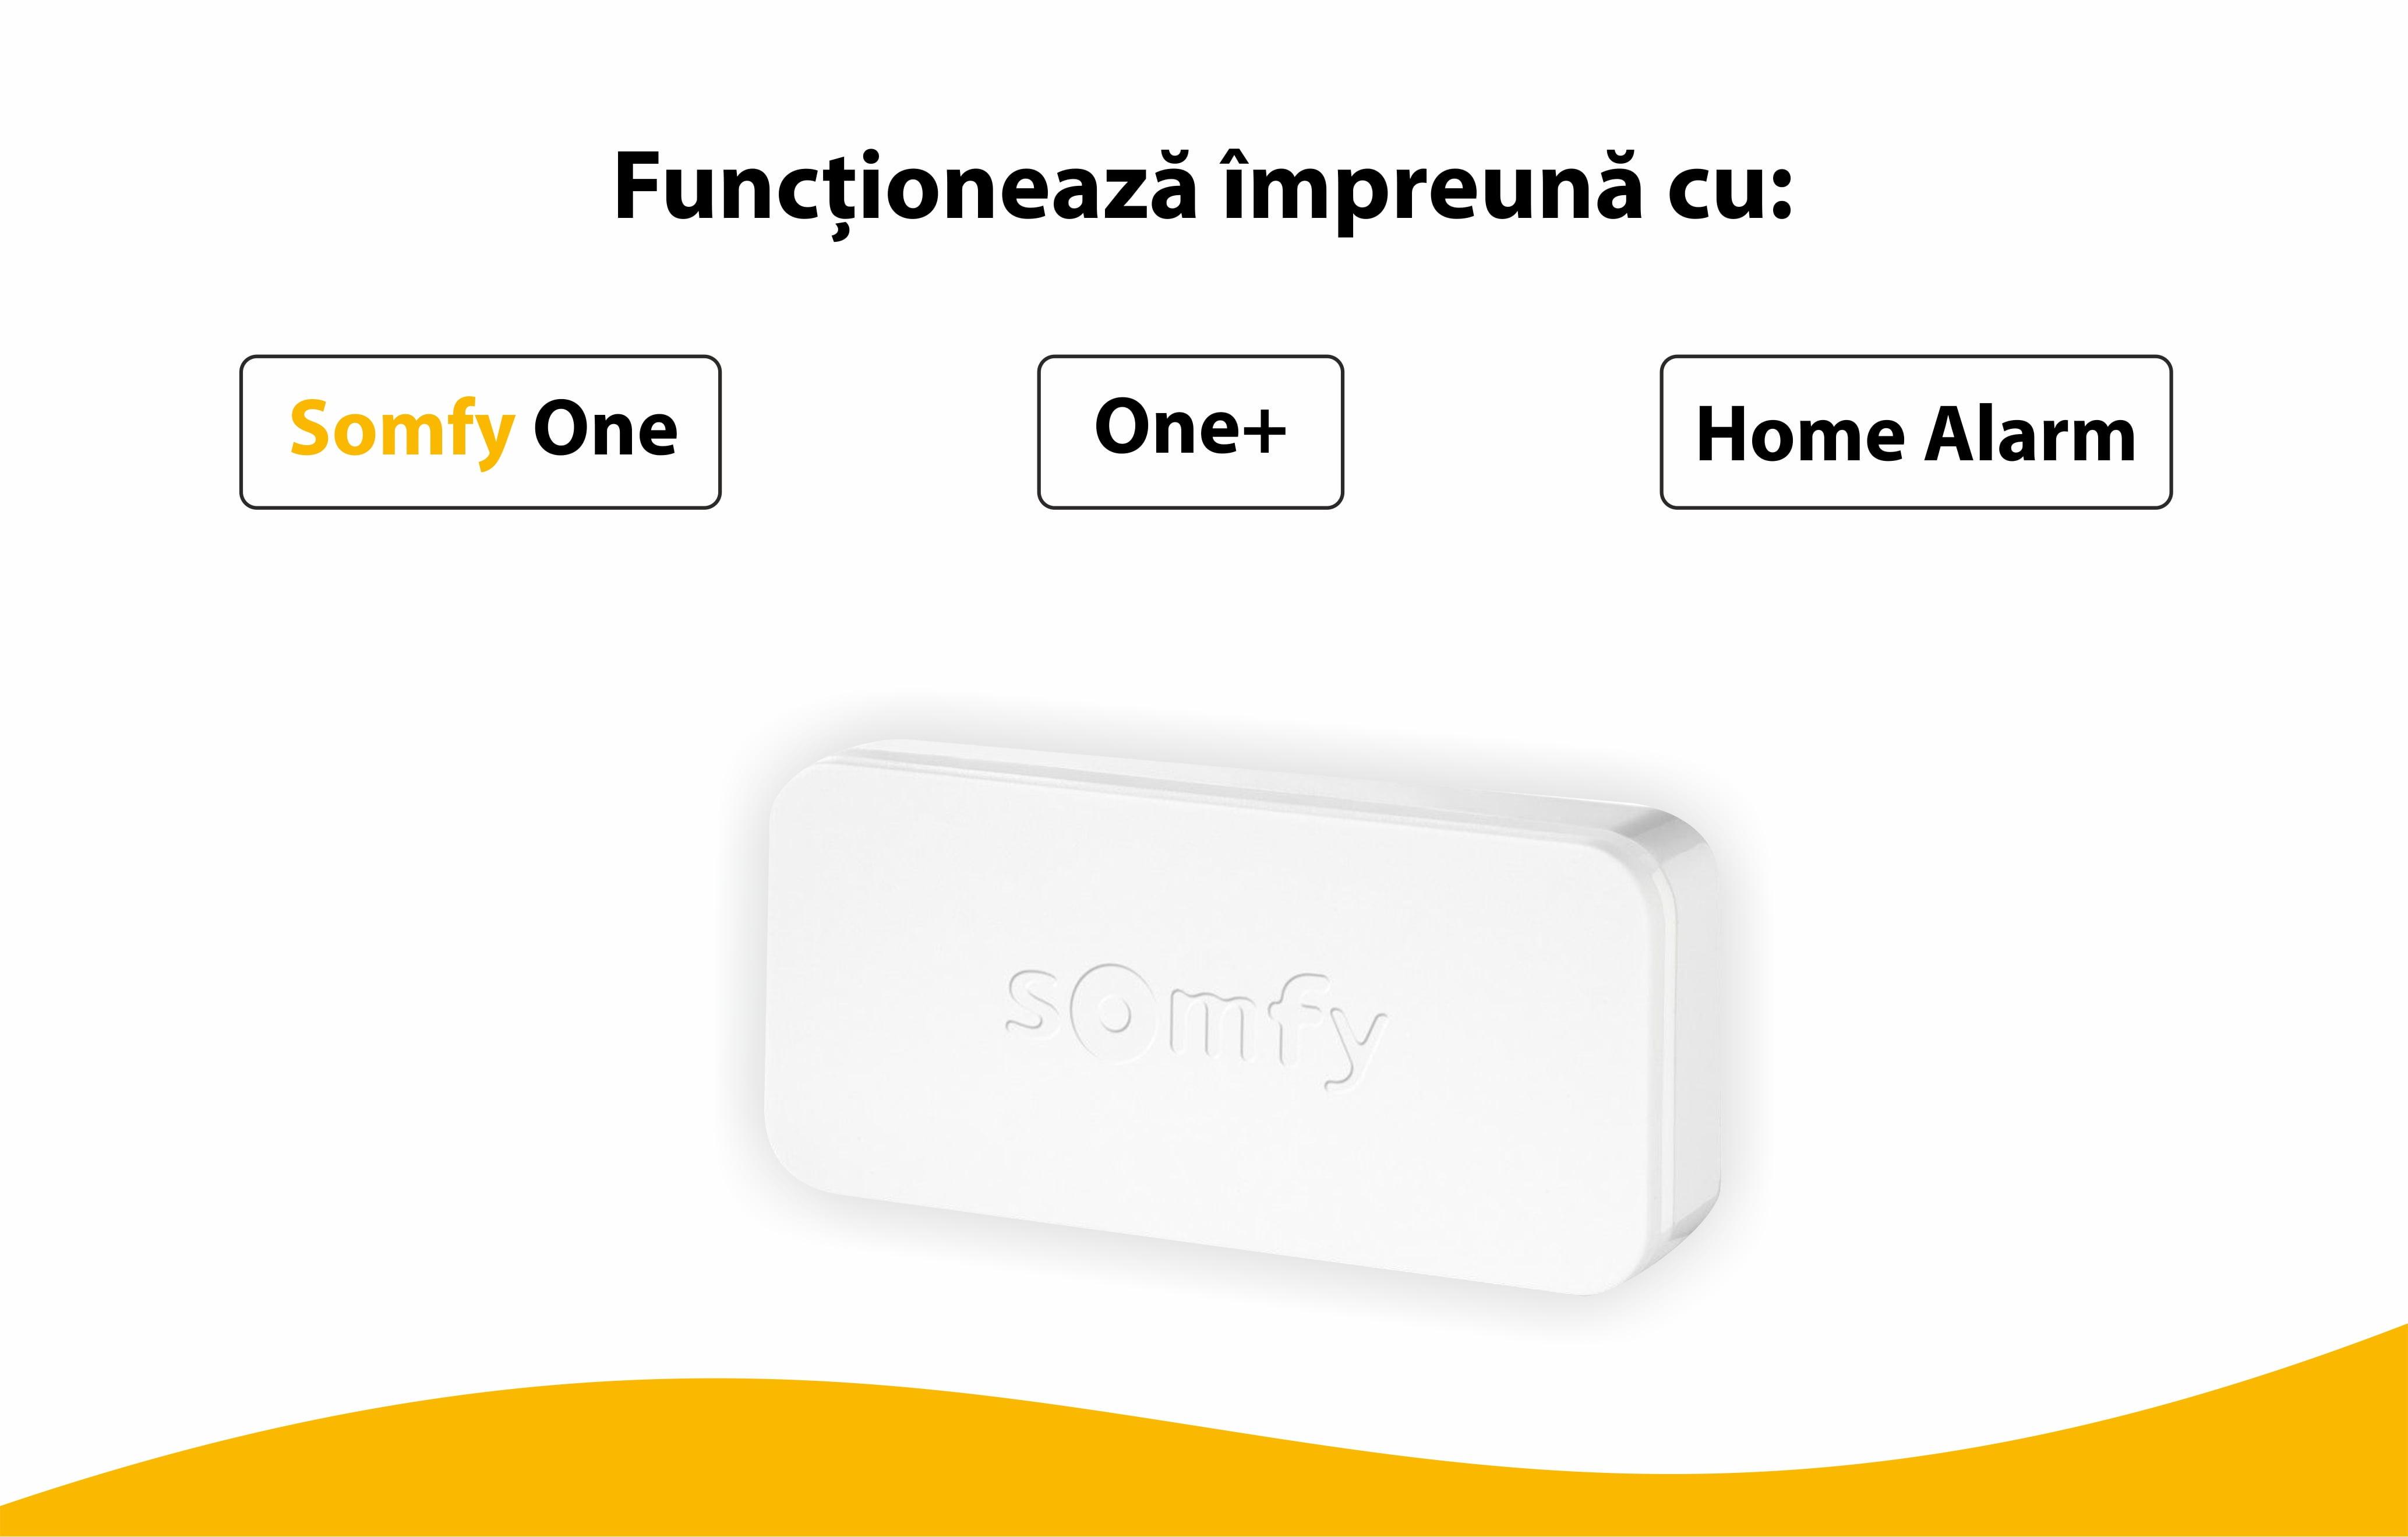 Intellitag™ Senzor pentru usa/fereastra interior sau exterior, Compatibil cu Somfy One, One+, Home Alarm 23